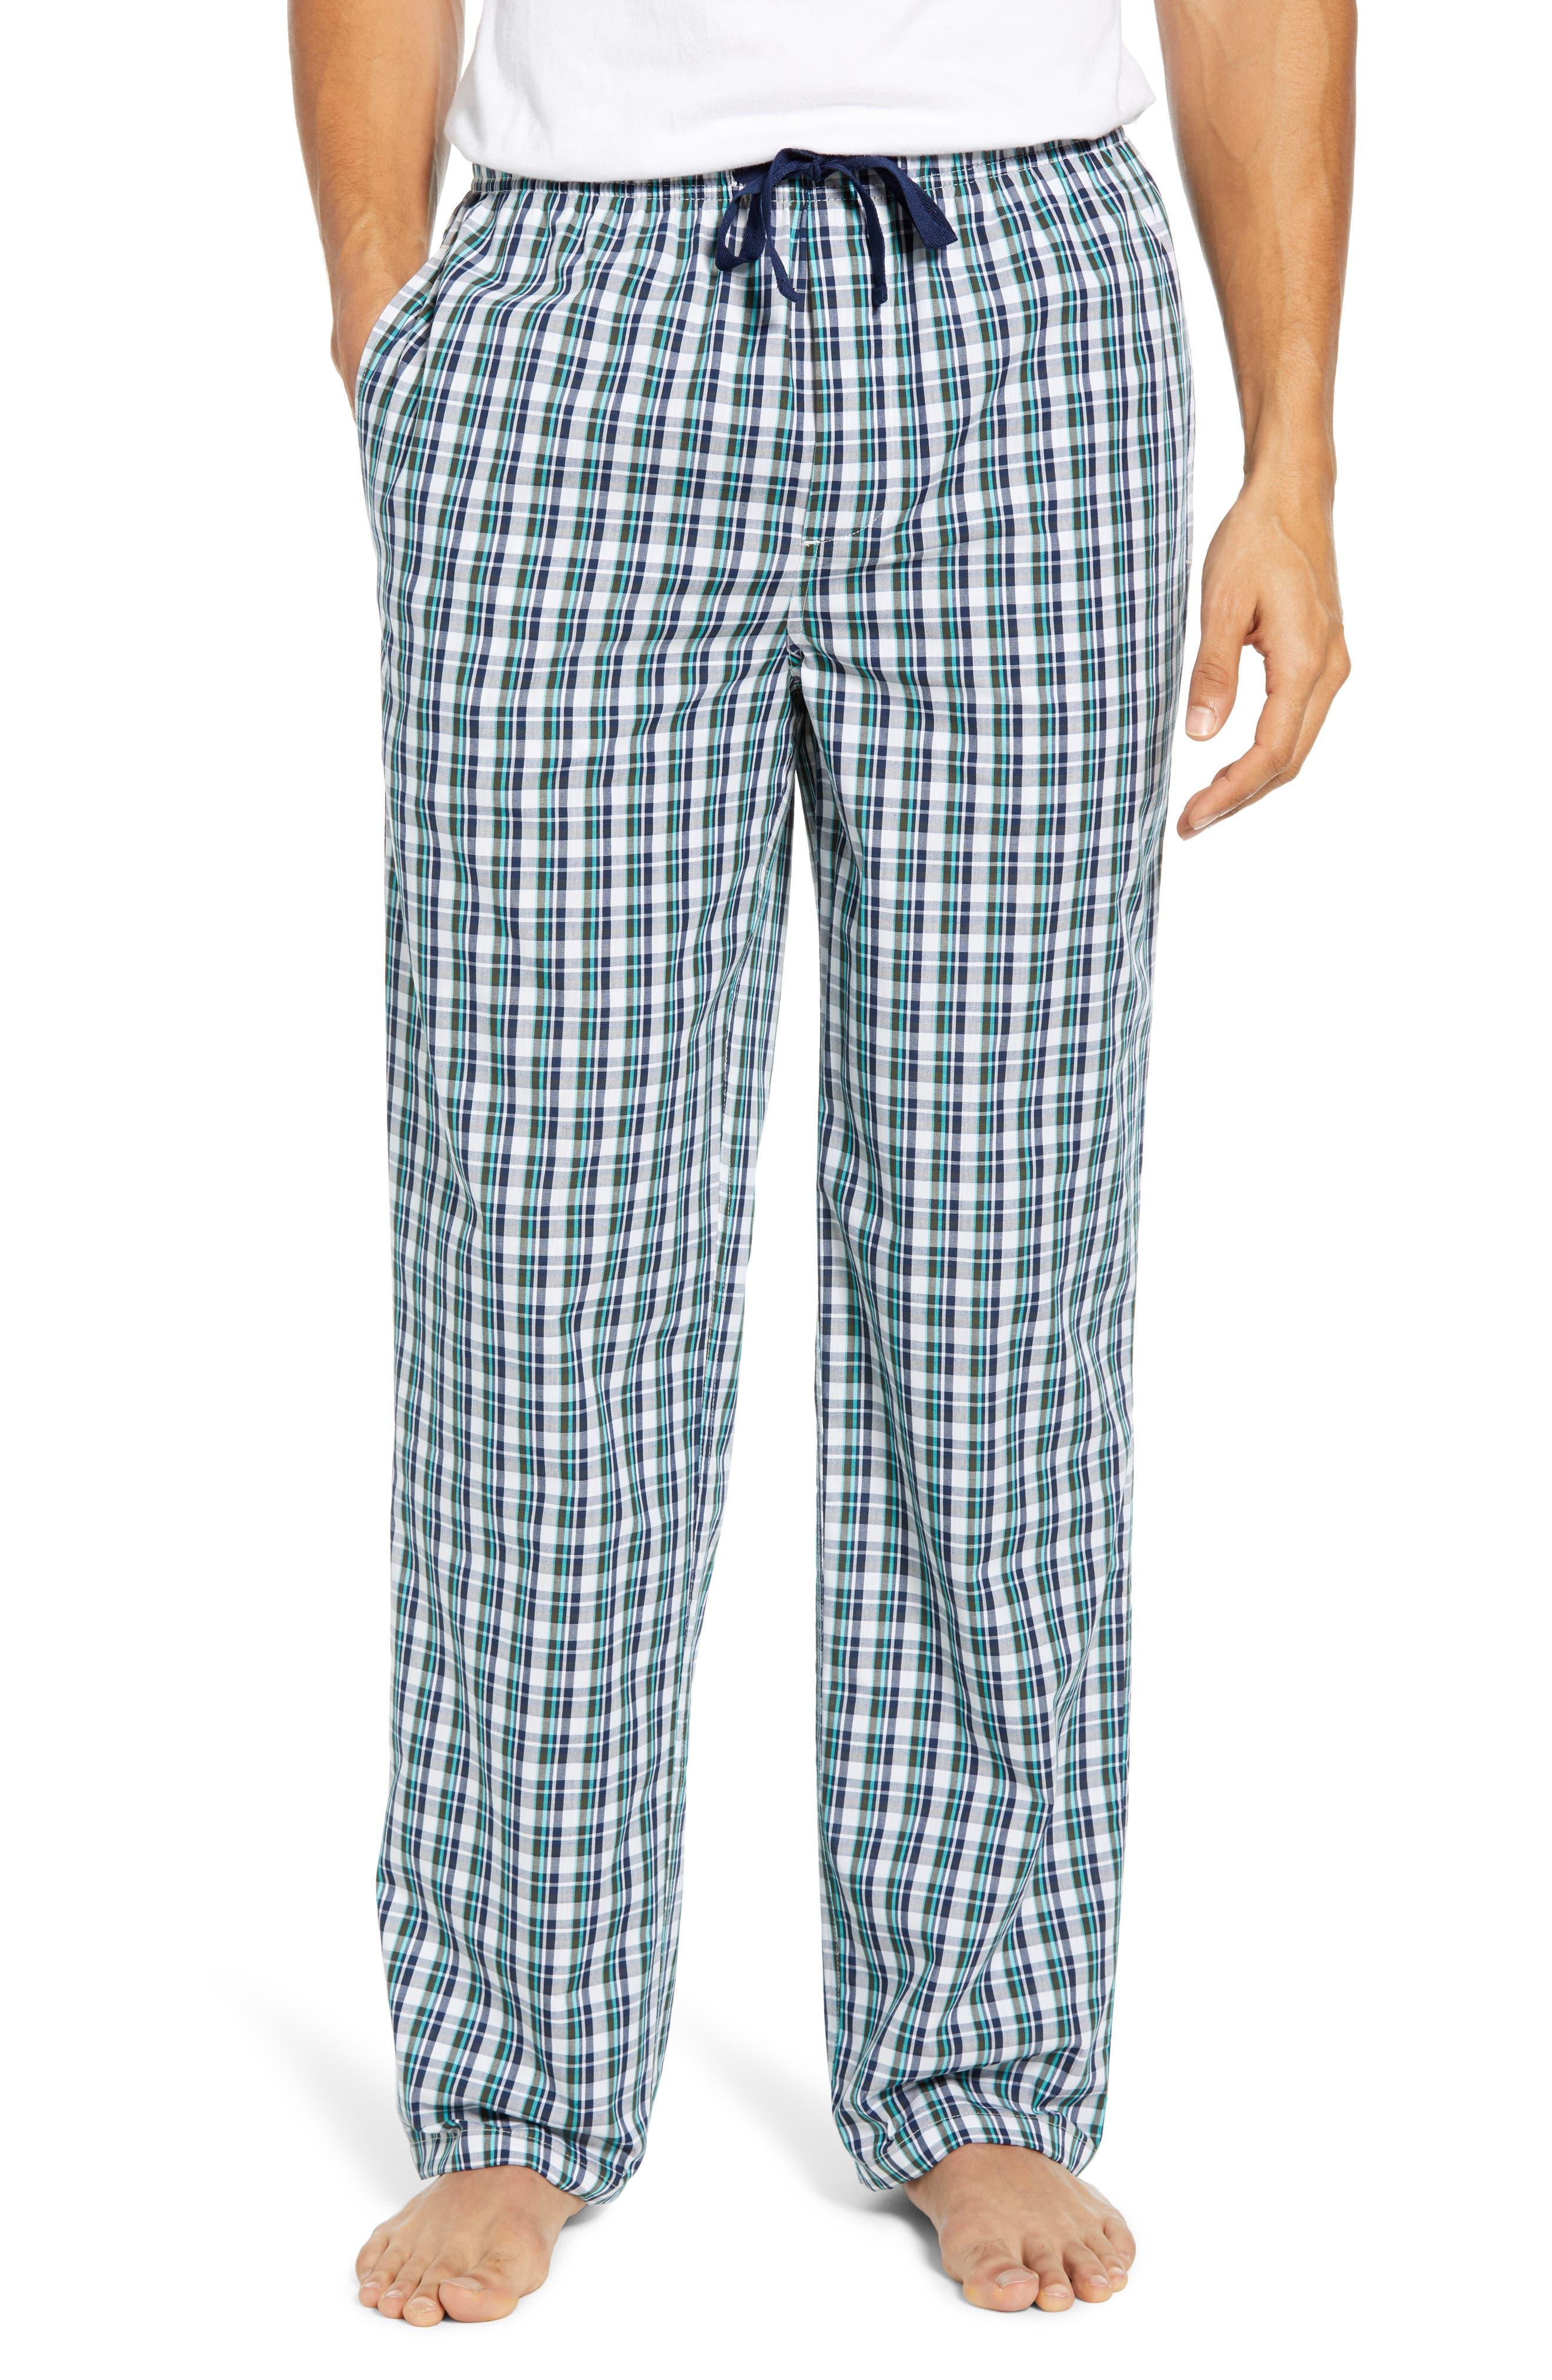 Nordstrom Shop Poplin Pajama Pants, White